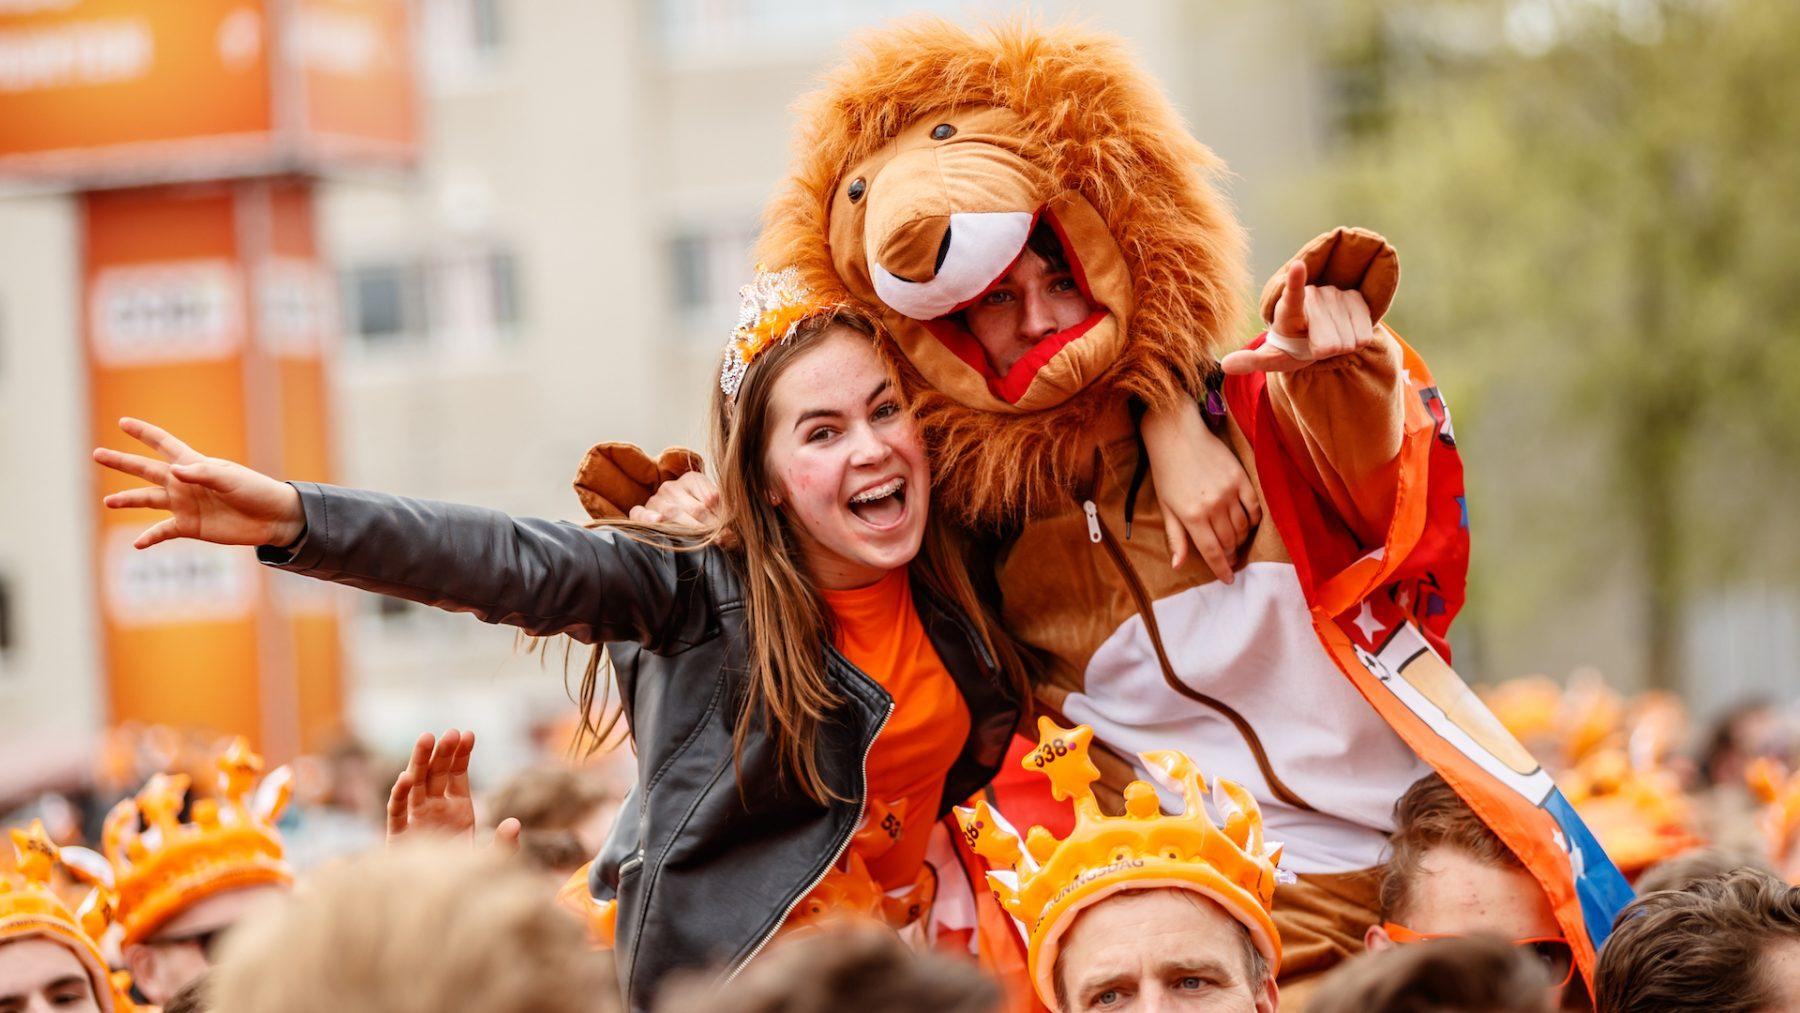 Toe aan een feestje: biedingen van duizenden euro's op kaartjes 538 Oranjefeest